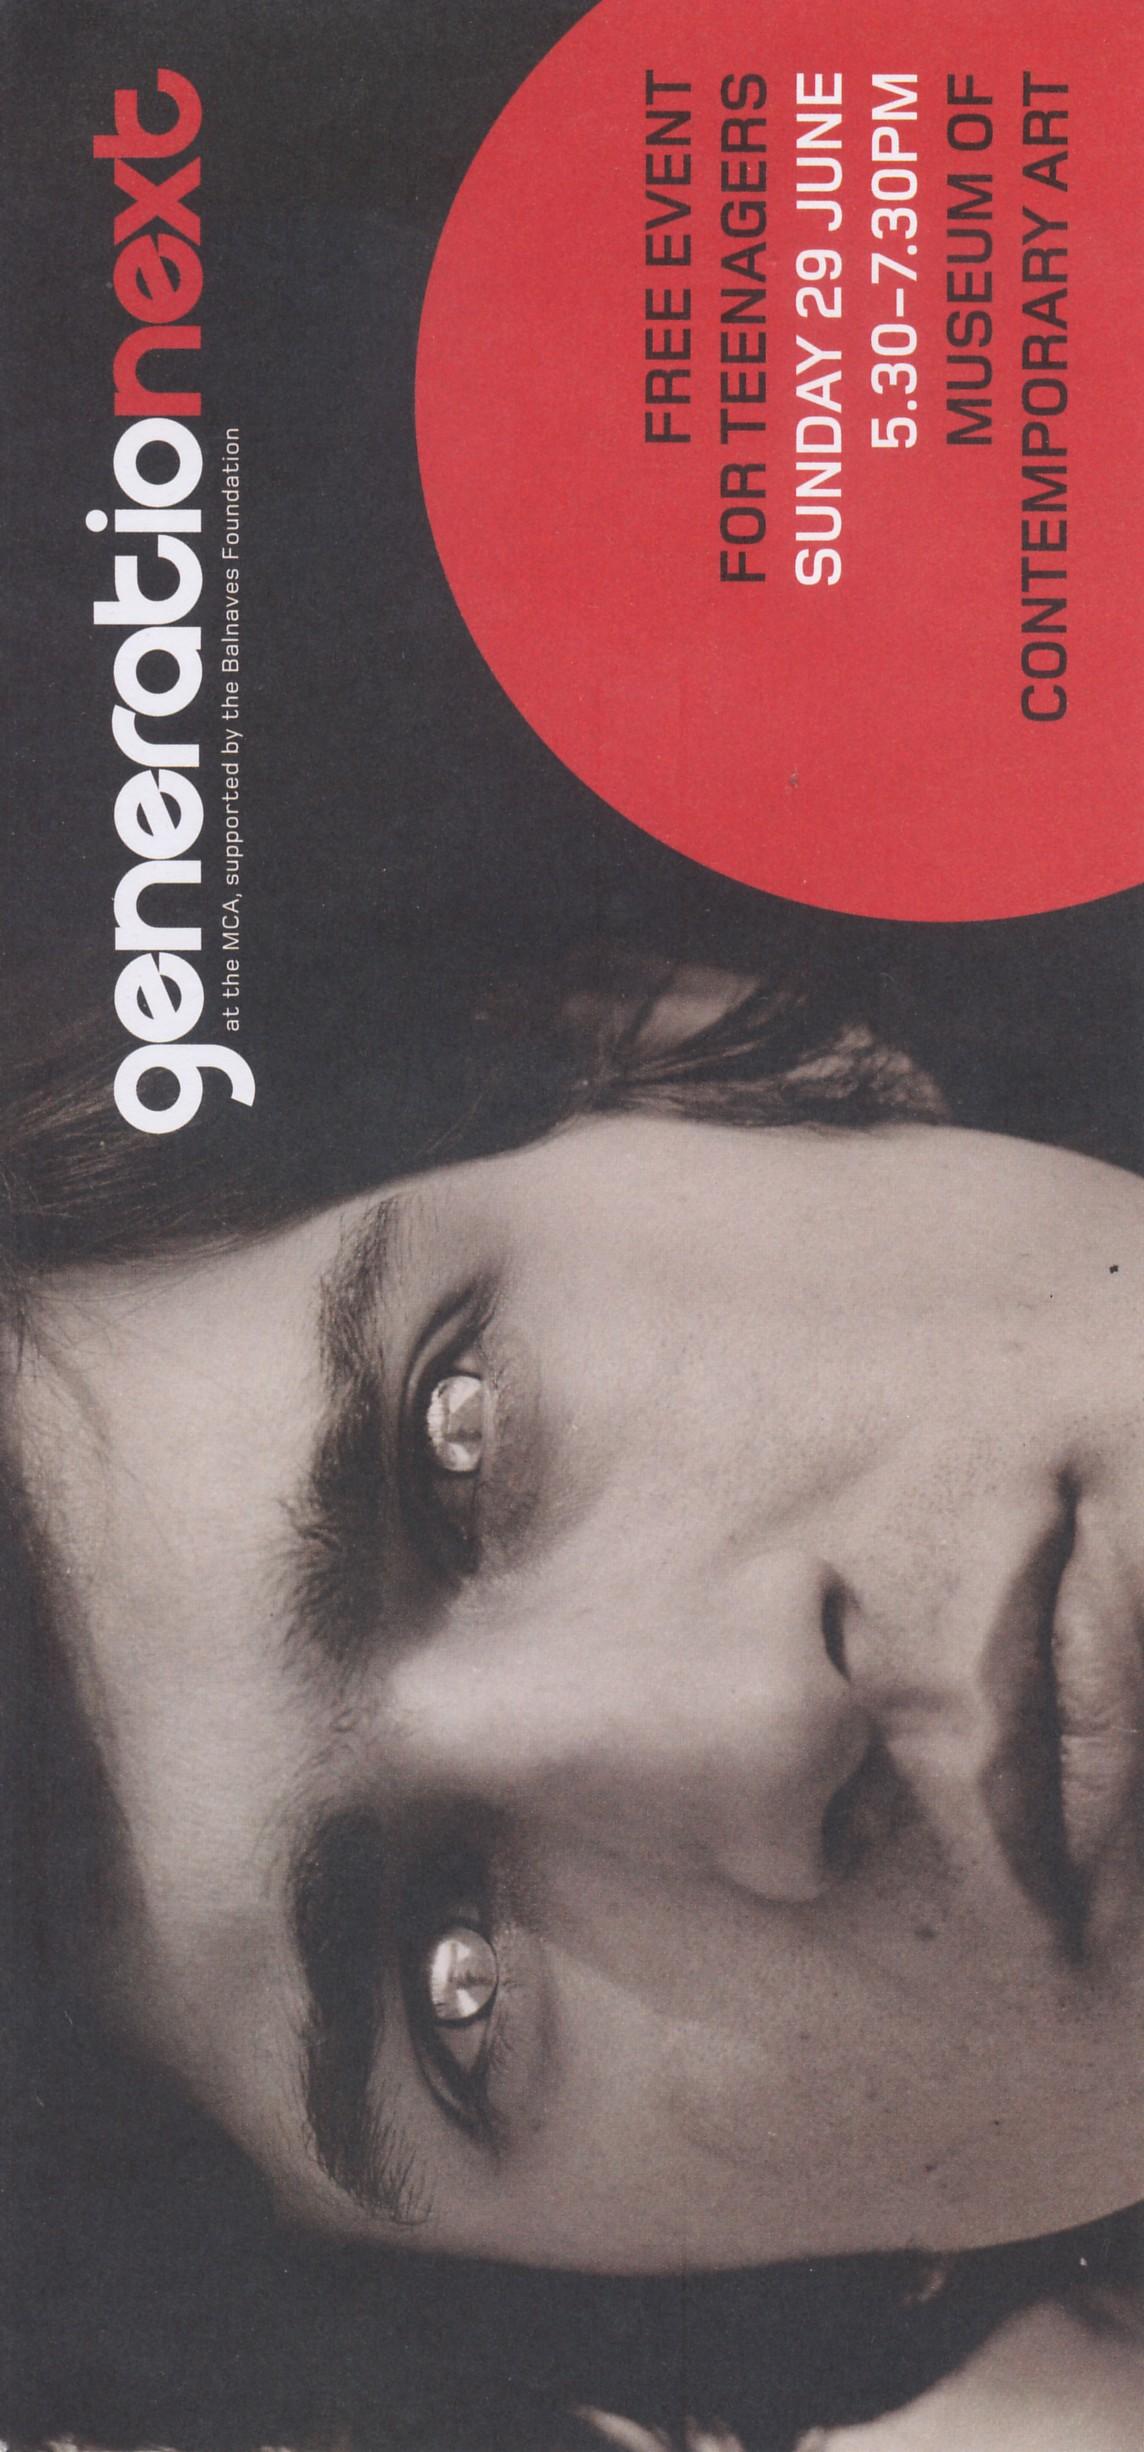 Generationext: June 2008